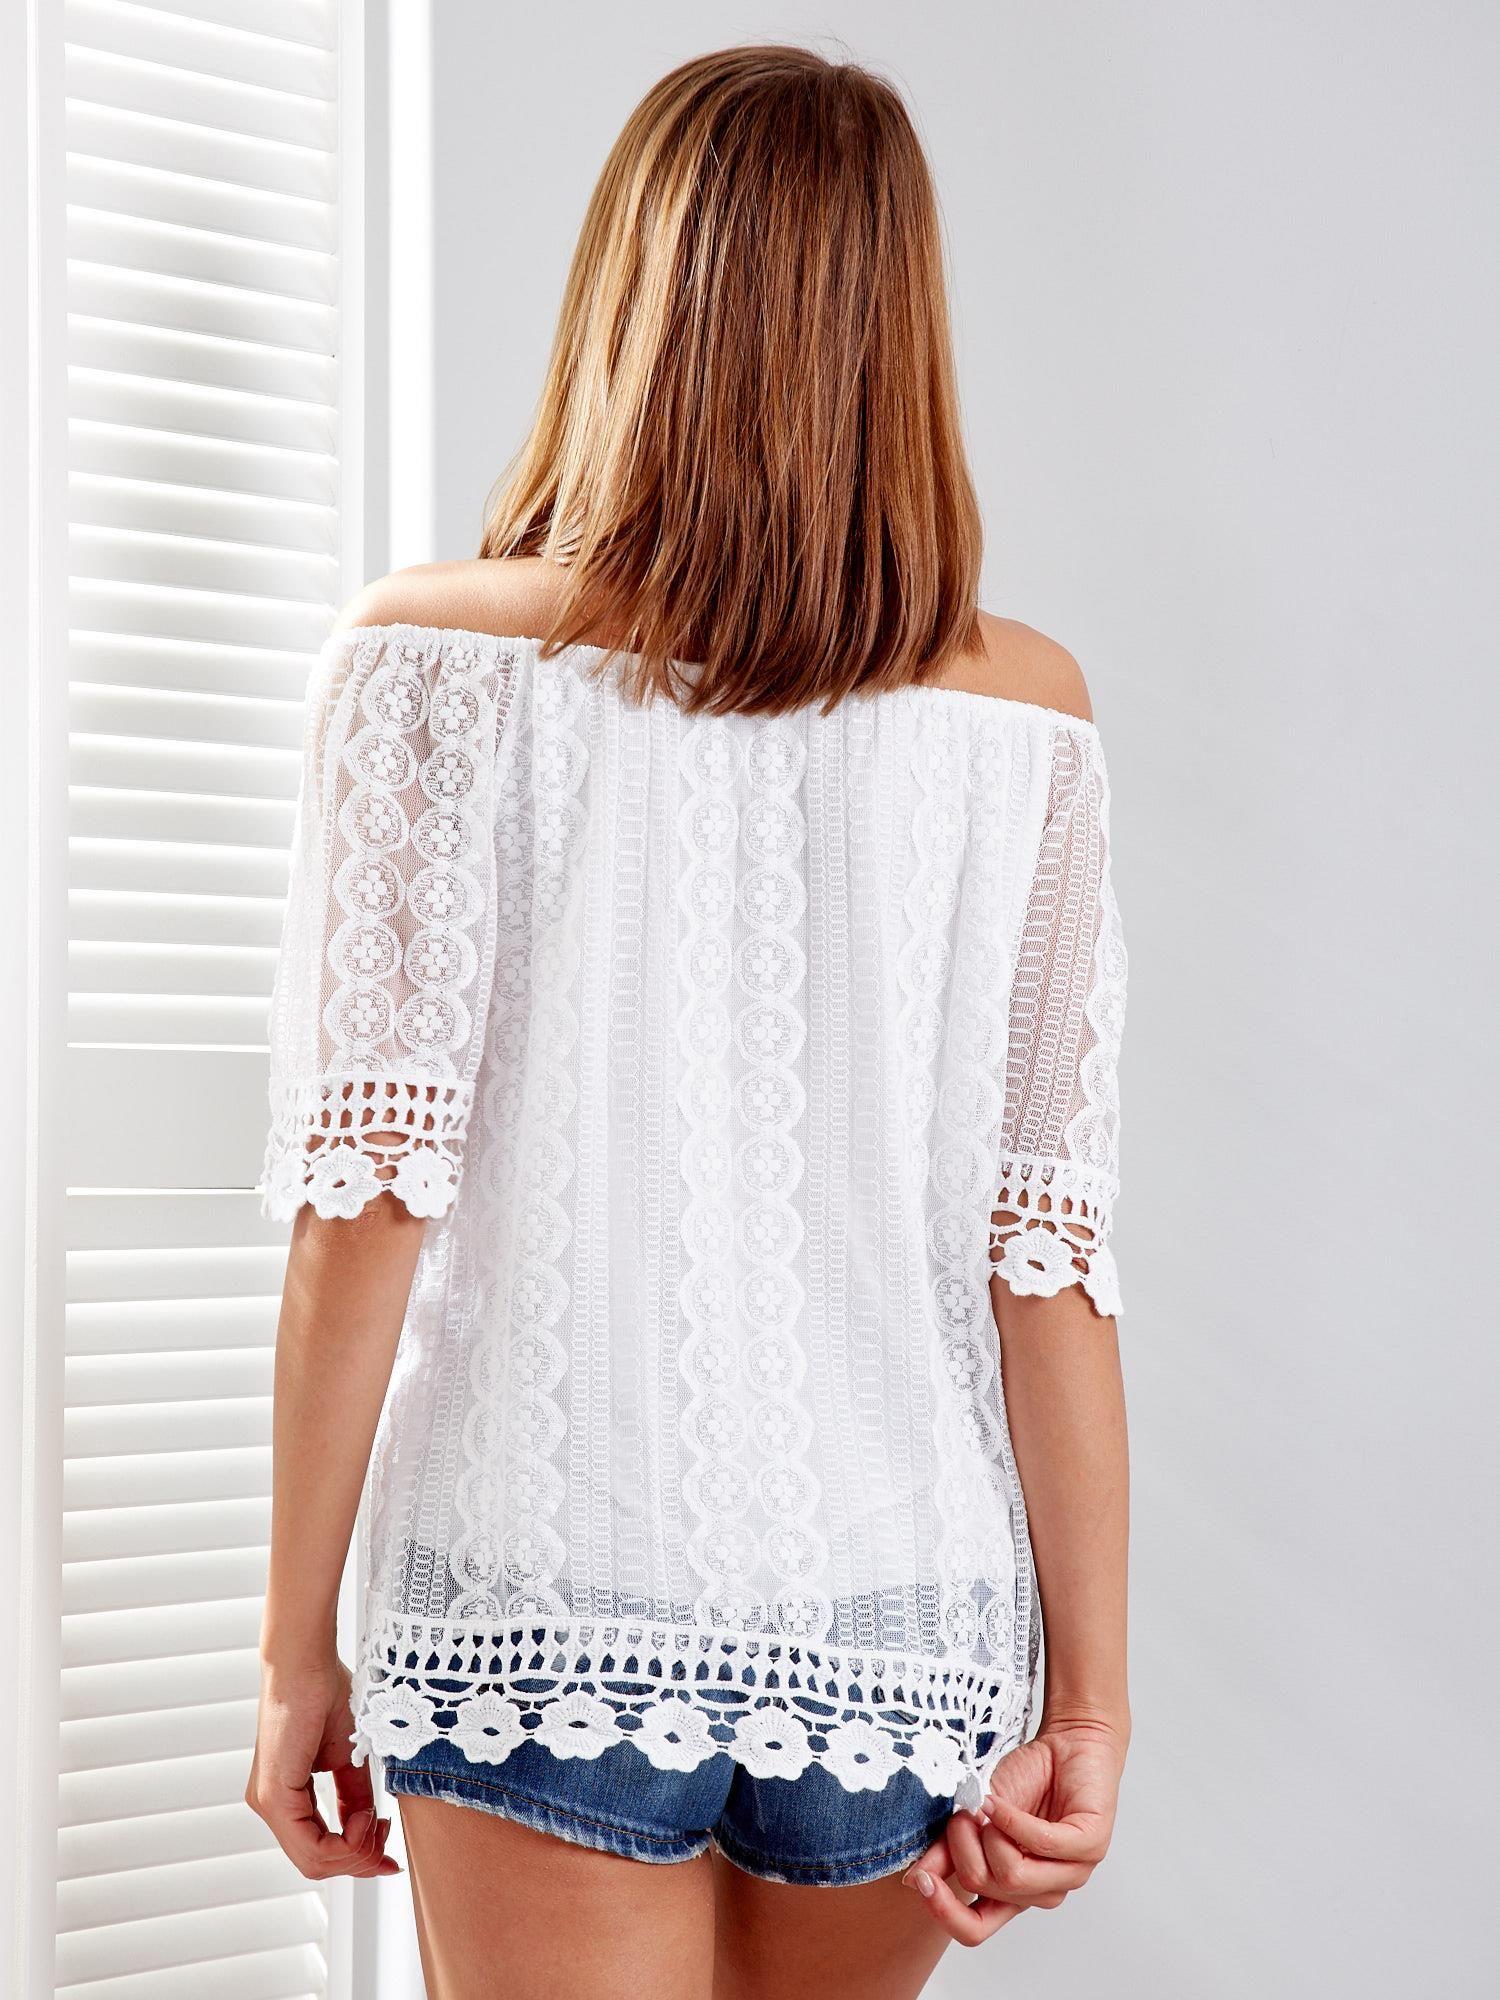 e83f57ab5f38d7 Biała koronkowa bluzka z dekoltem carmen - Bluzka one size - sklep ...